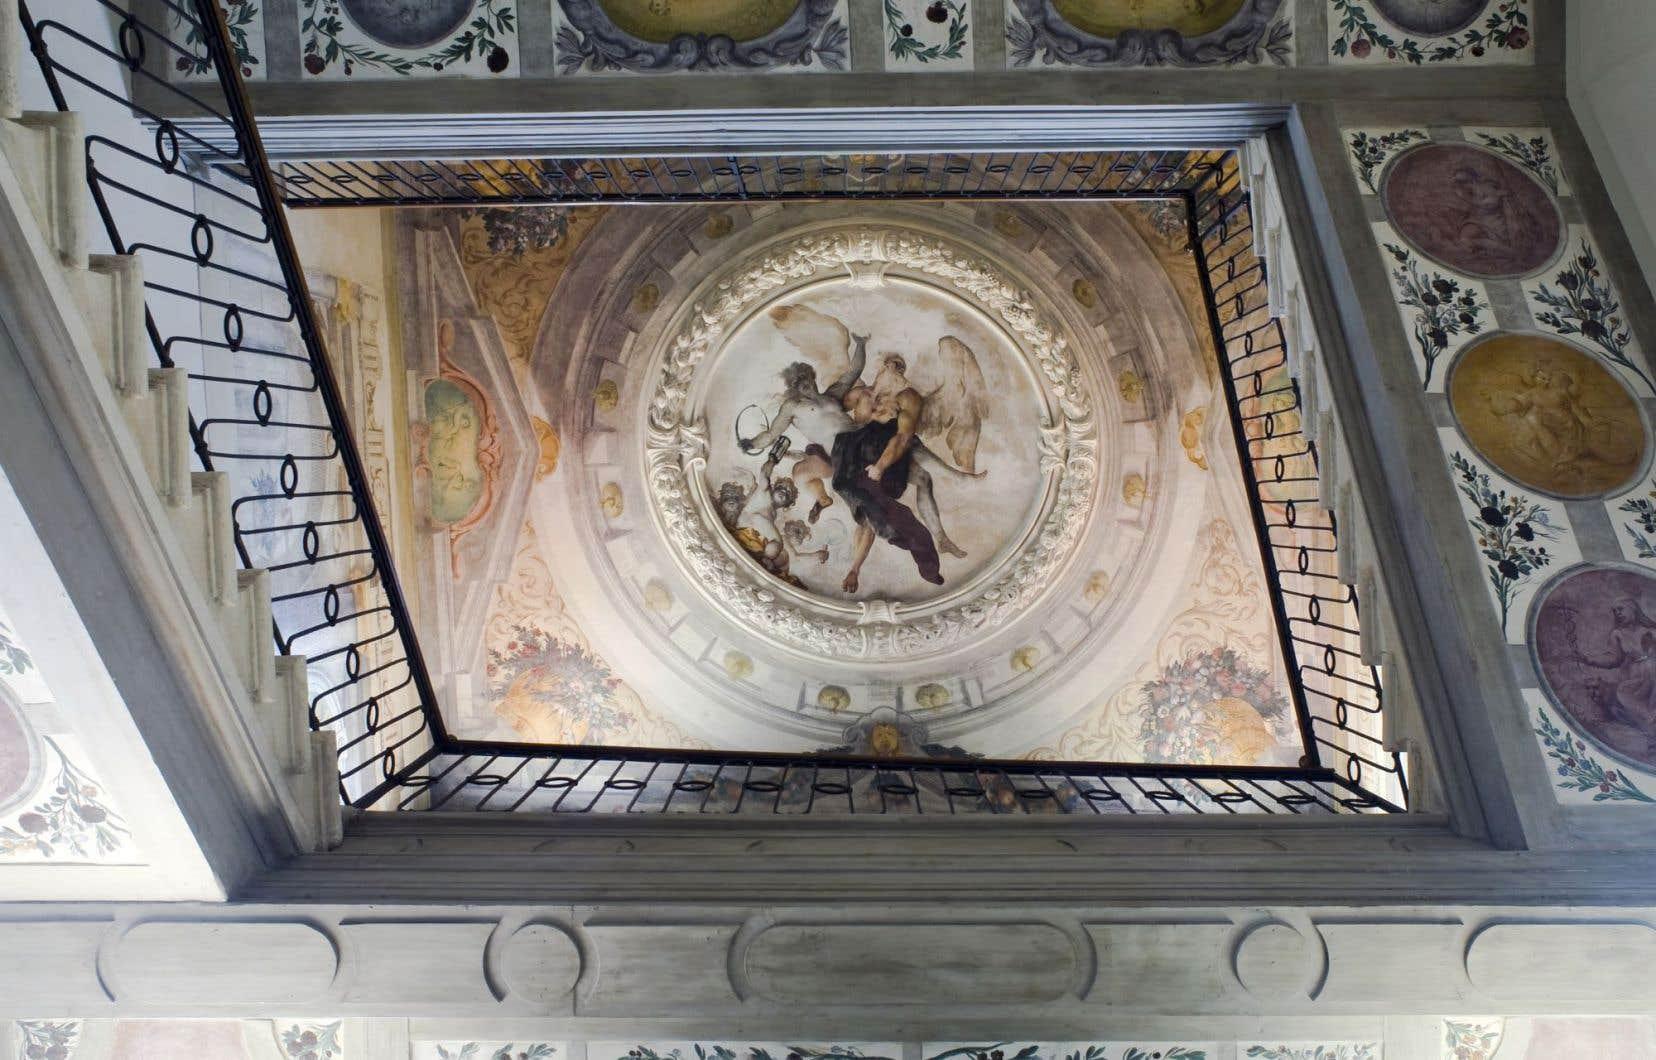 Le plafond est orné d'une fresque de Sebastiano Ricci représentant le temps faisant triompher la culture et la vérité.